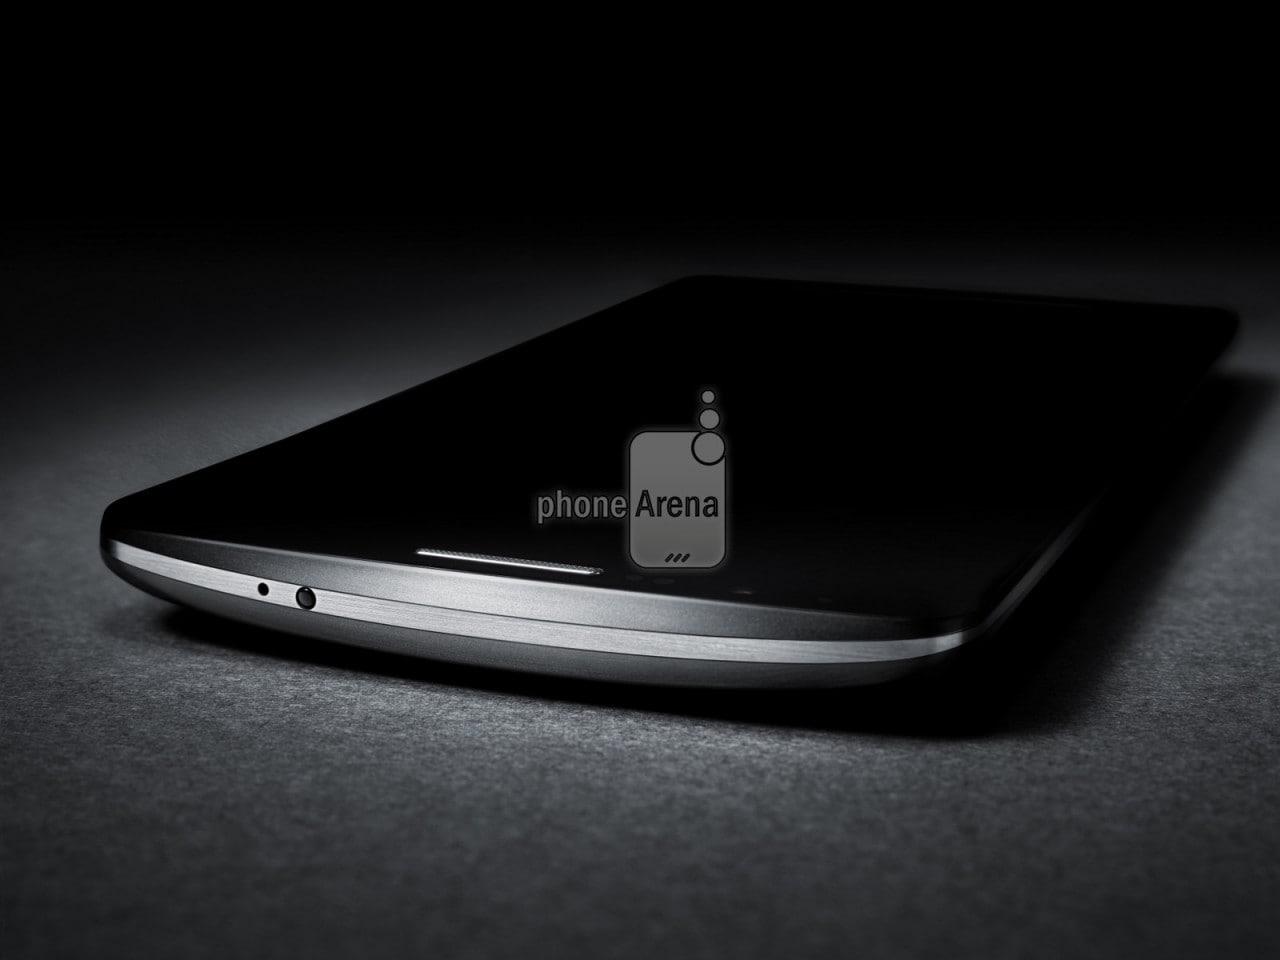 LG G3 in nuovi render nei colori grigio, argento e oro (foto)